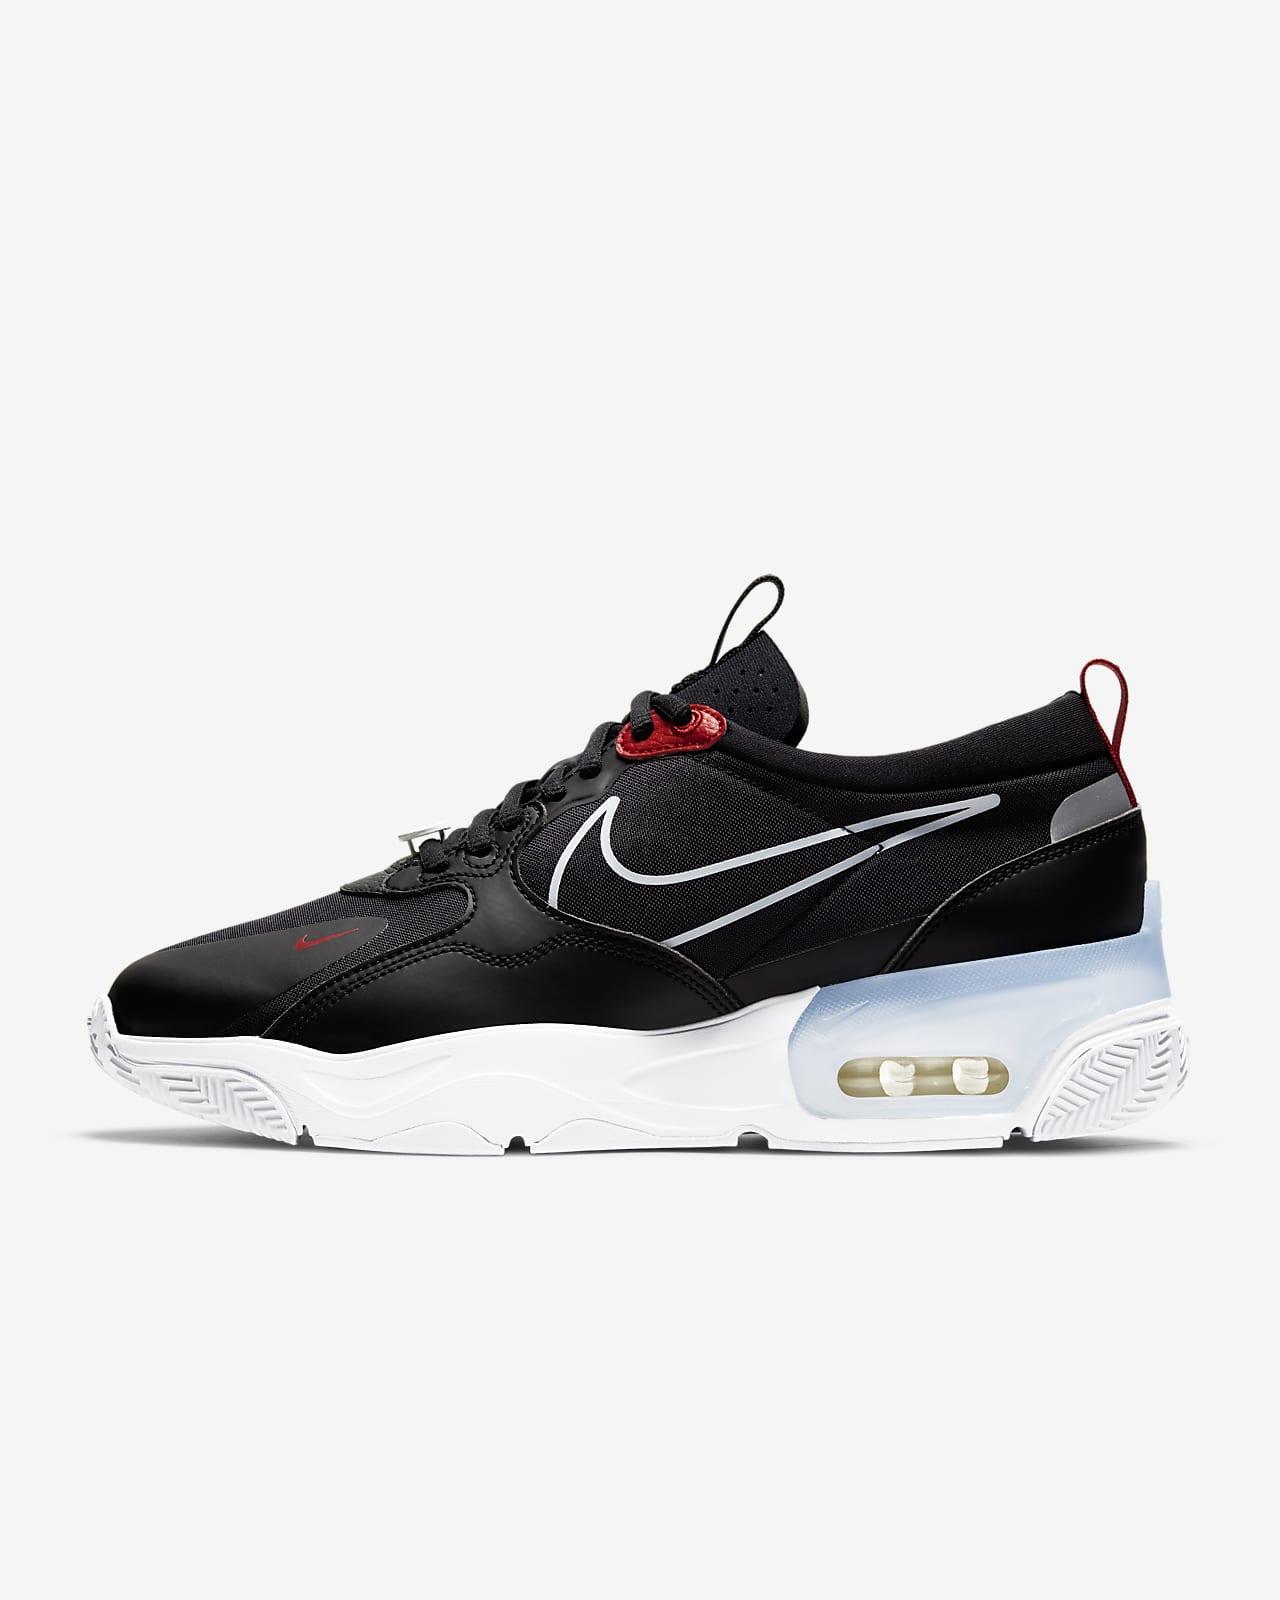 Nike Skyve Max EMB 男子运动鞋